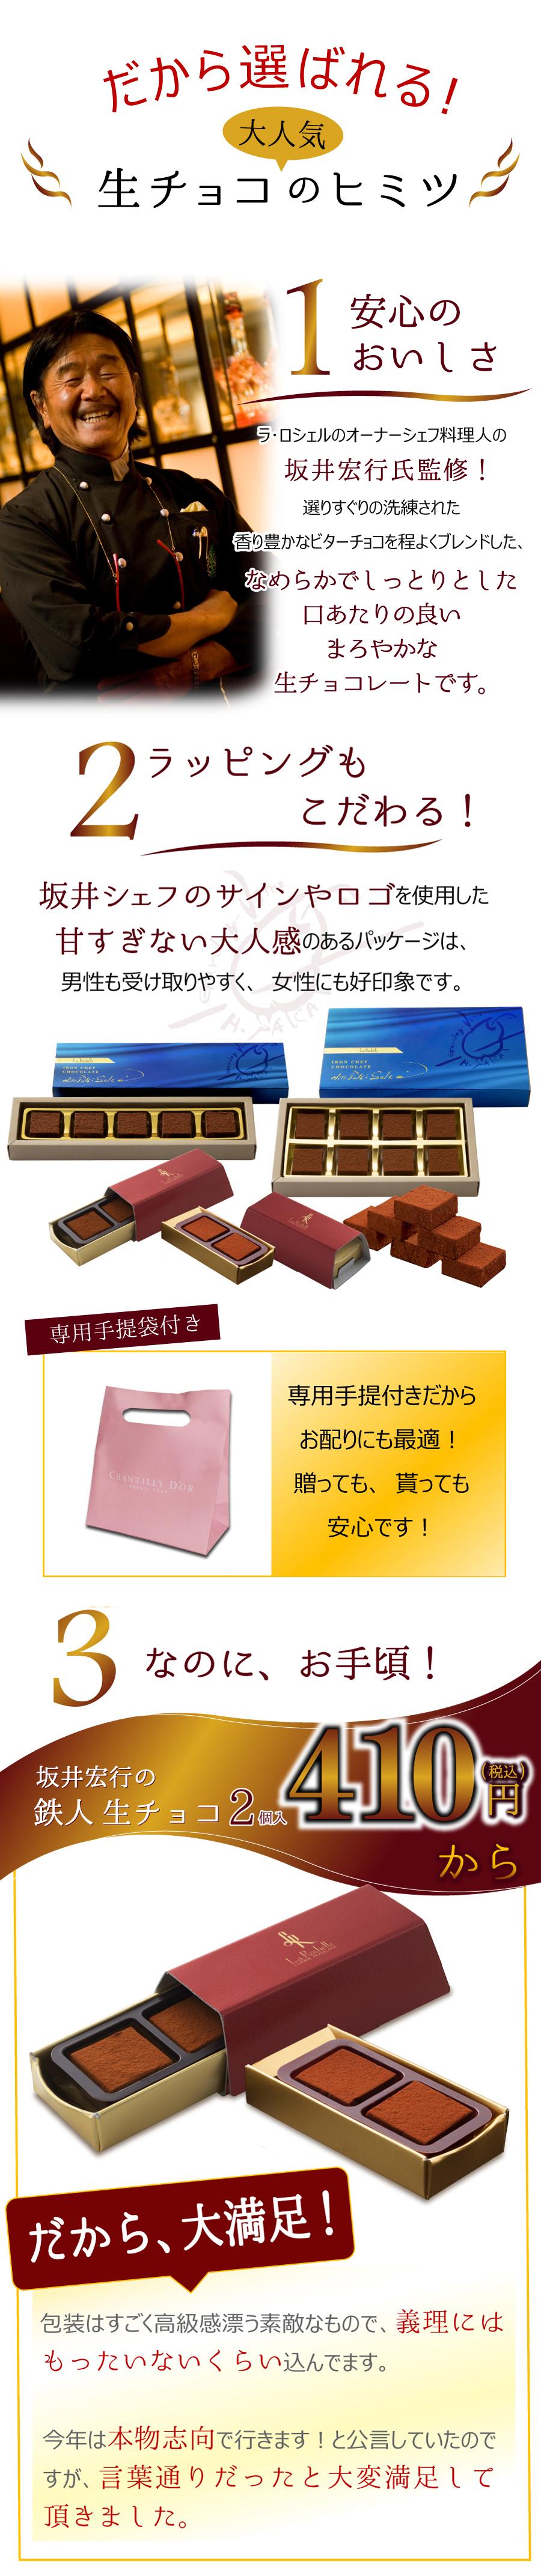 坂井宏行の鉄人生チョコ